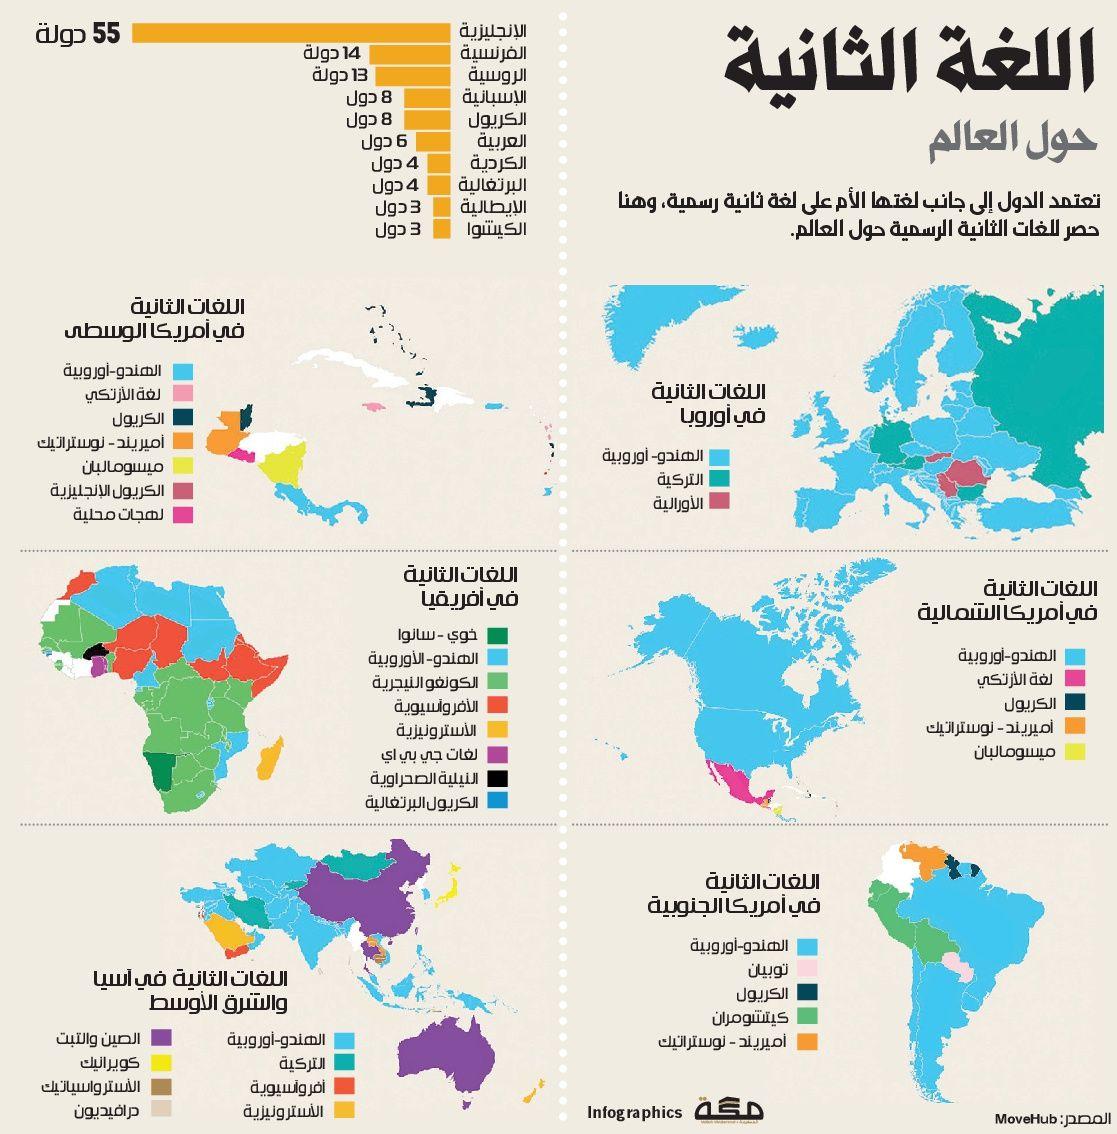 اللغة الثانية حول العالم صحيفة مكة انفوجرافيك تعليم Infographic Map Avl